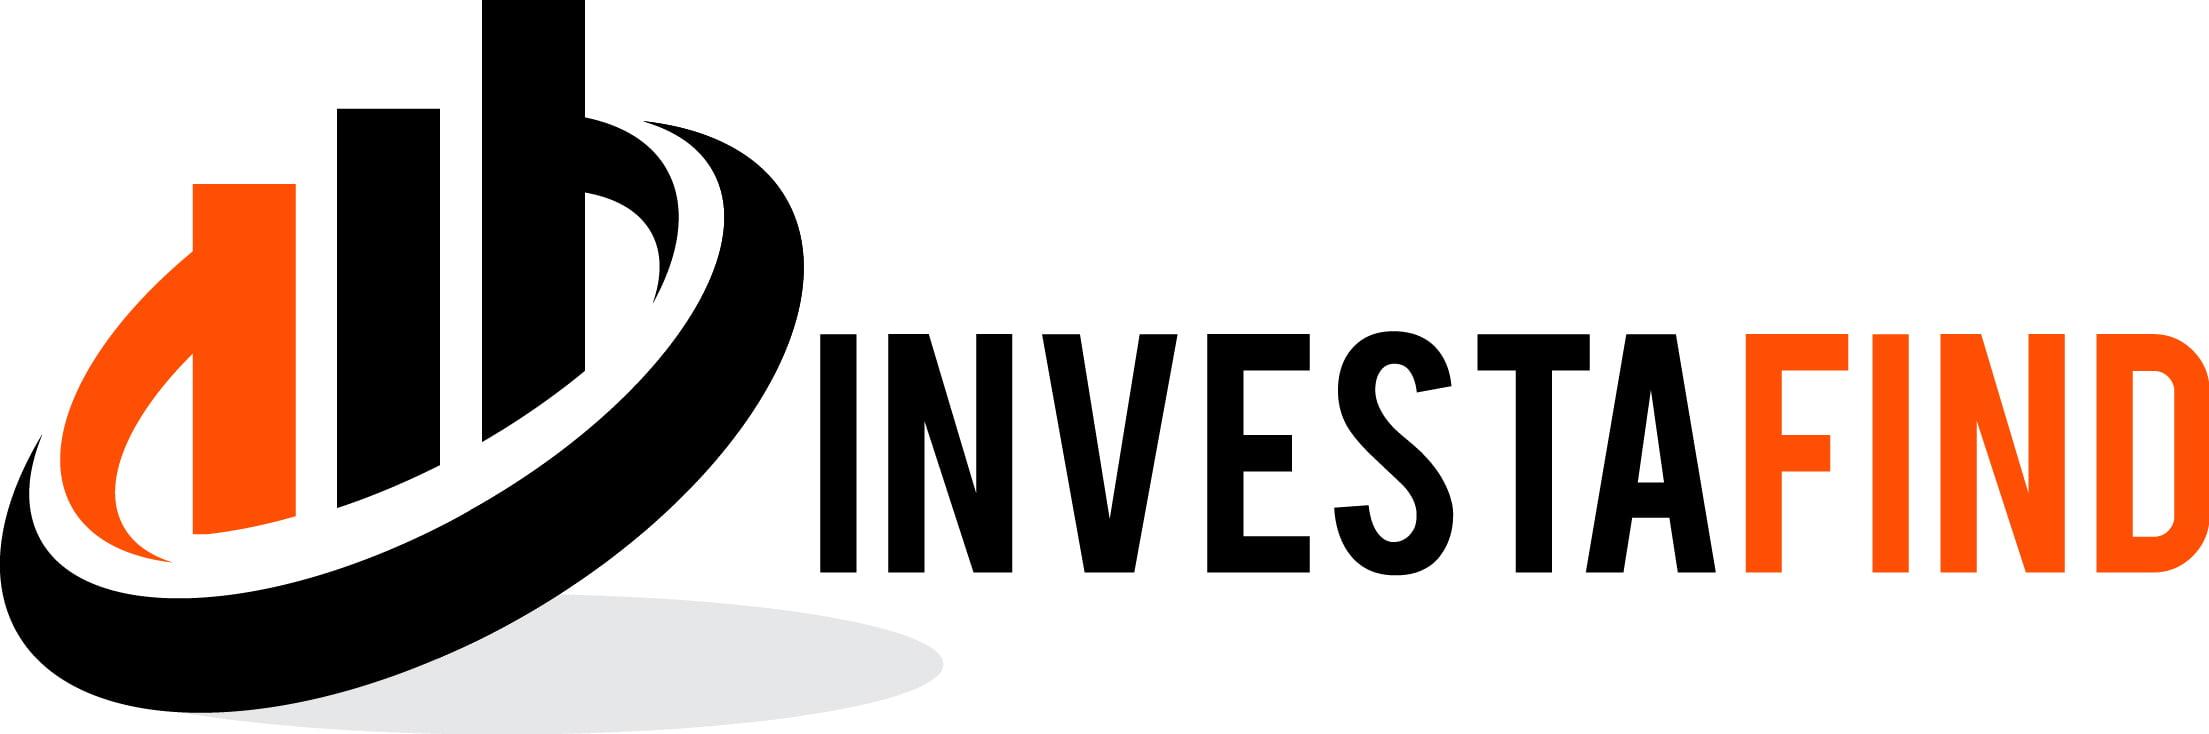 Investafind